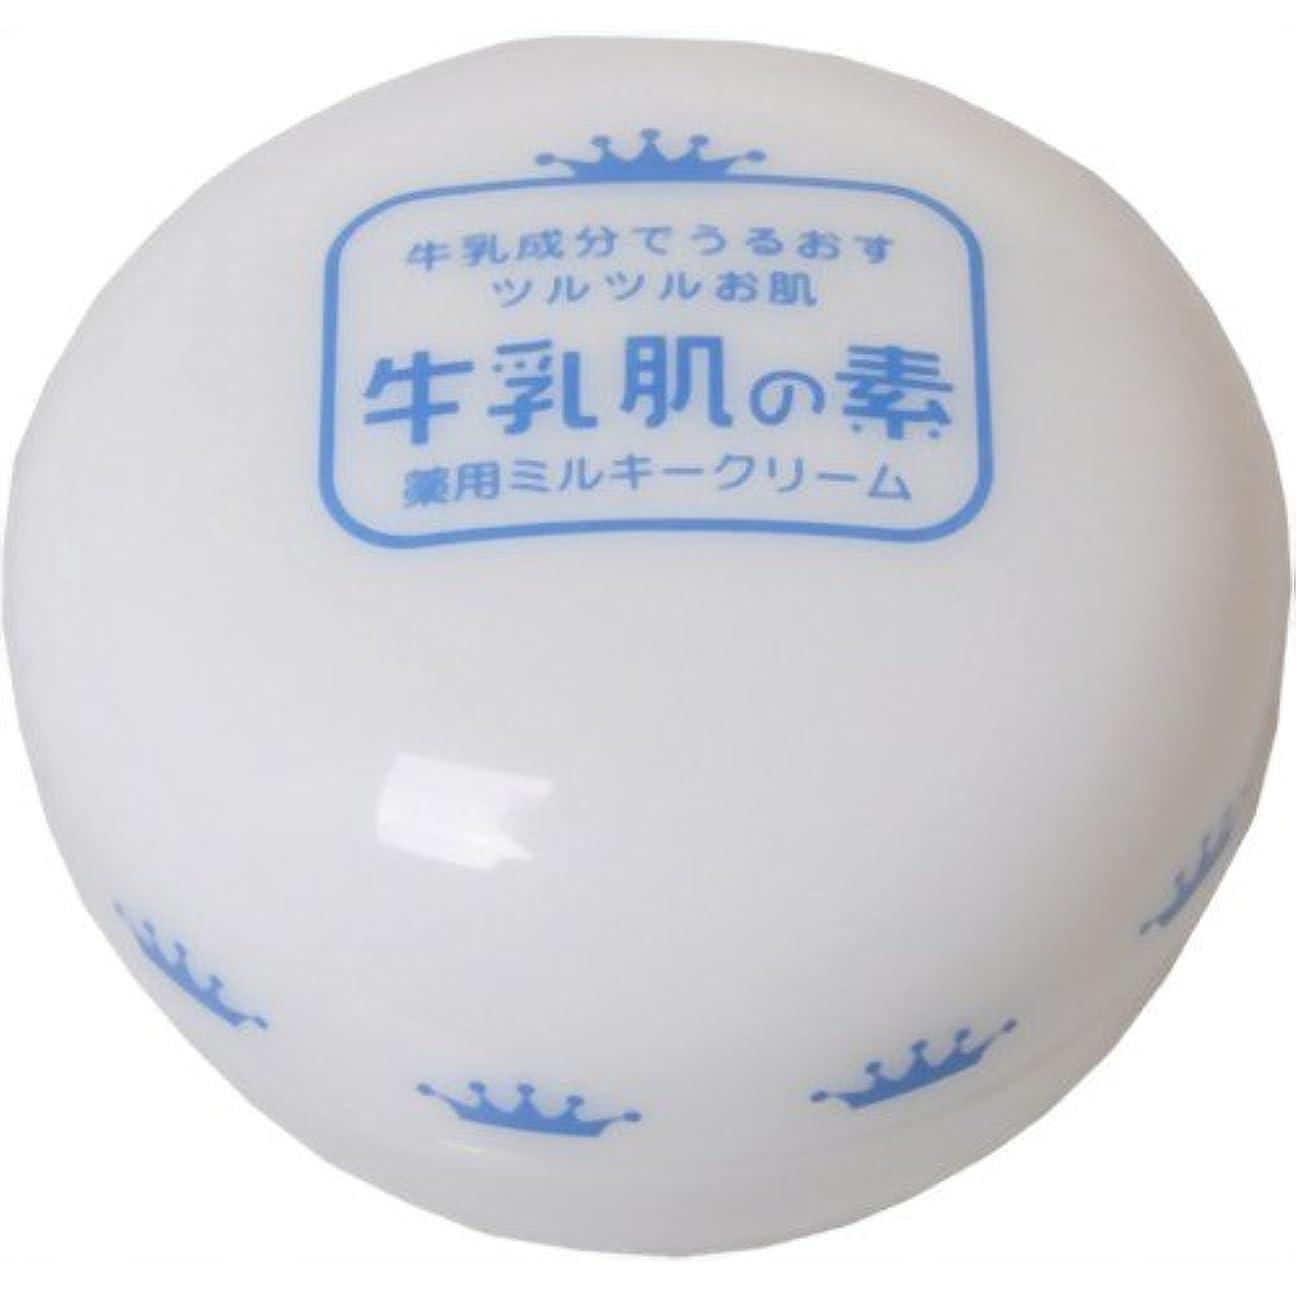 側面ボウル学習者牛乳肌の素 薬用ミルキークリーム 20g